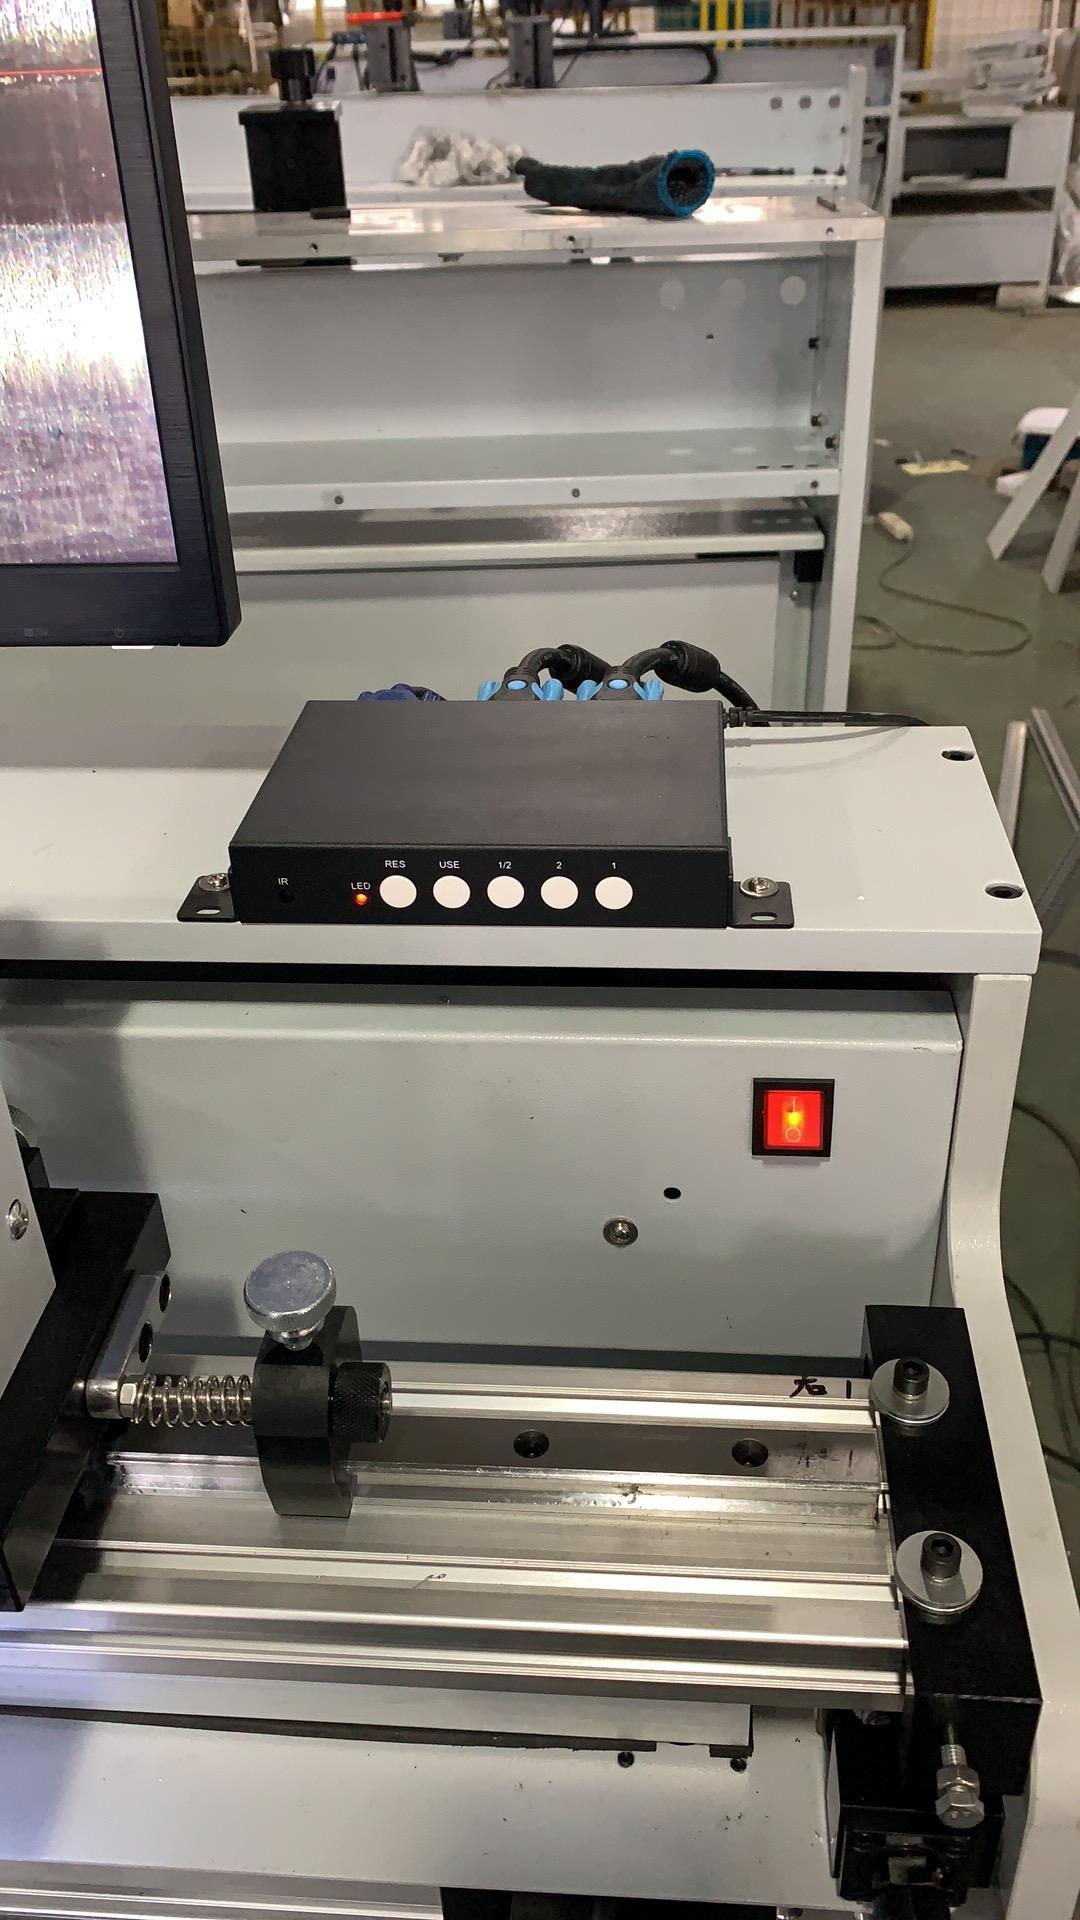 Система наклейки флексографских форм на формные цилиндры и гильзы SM-450 - подробные фотографии и видео работы - монтажный стол для флексографских форм – стол для монтажа флексографских форм. Фотография 8.